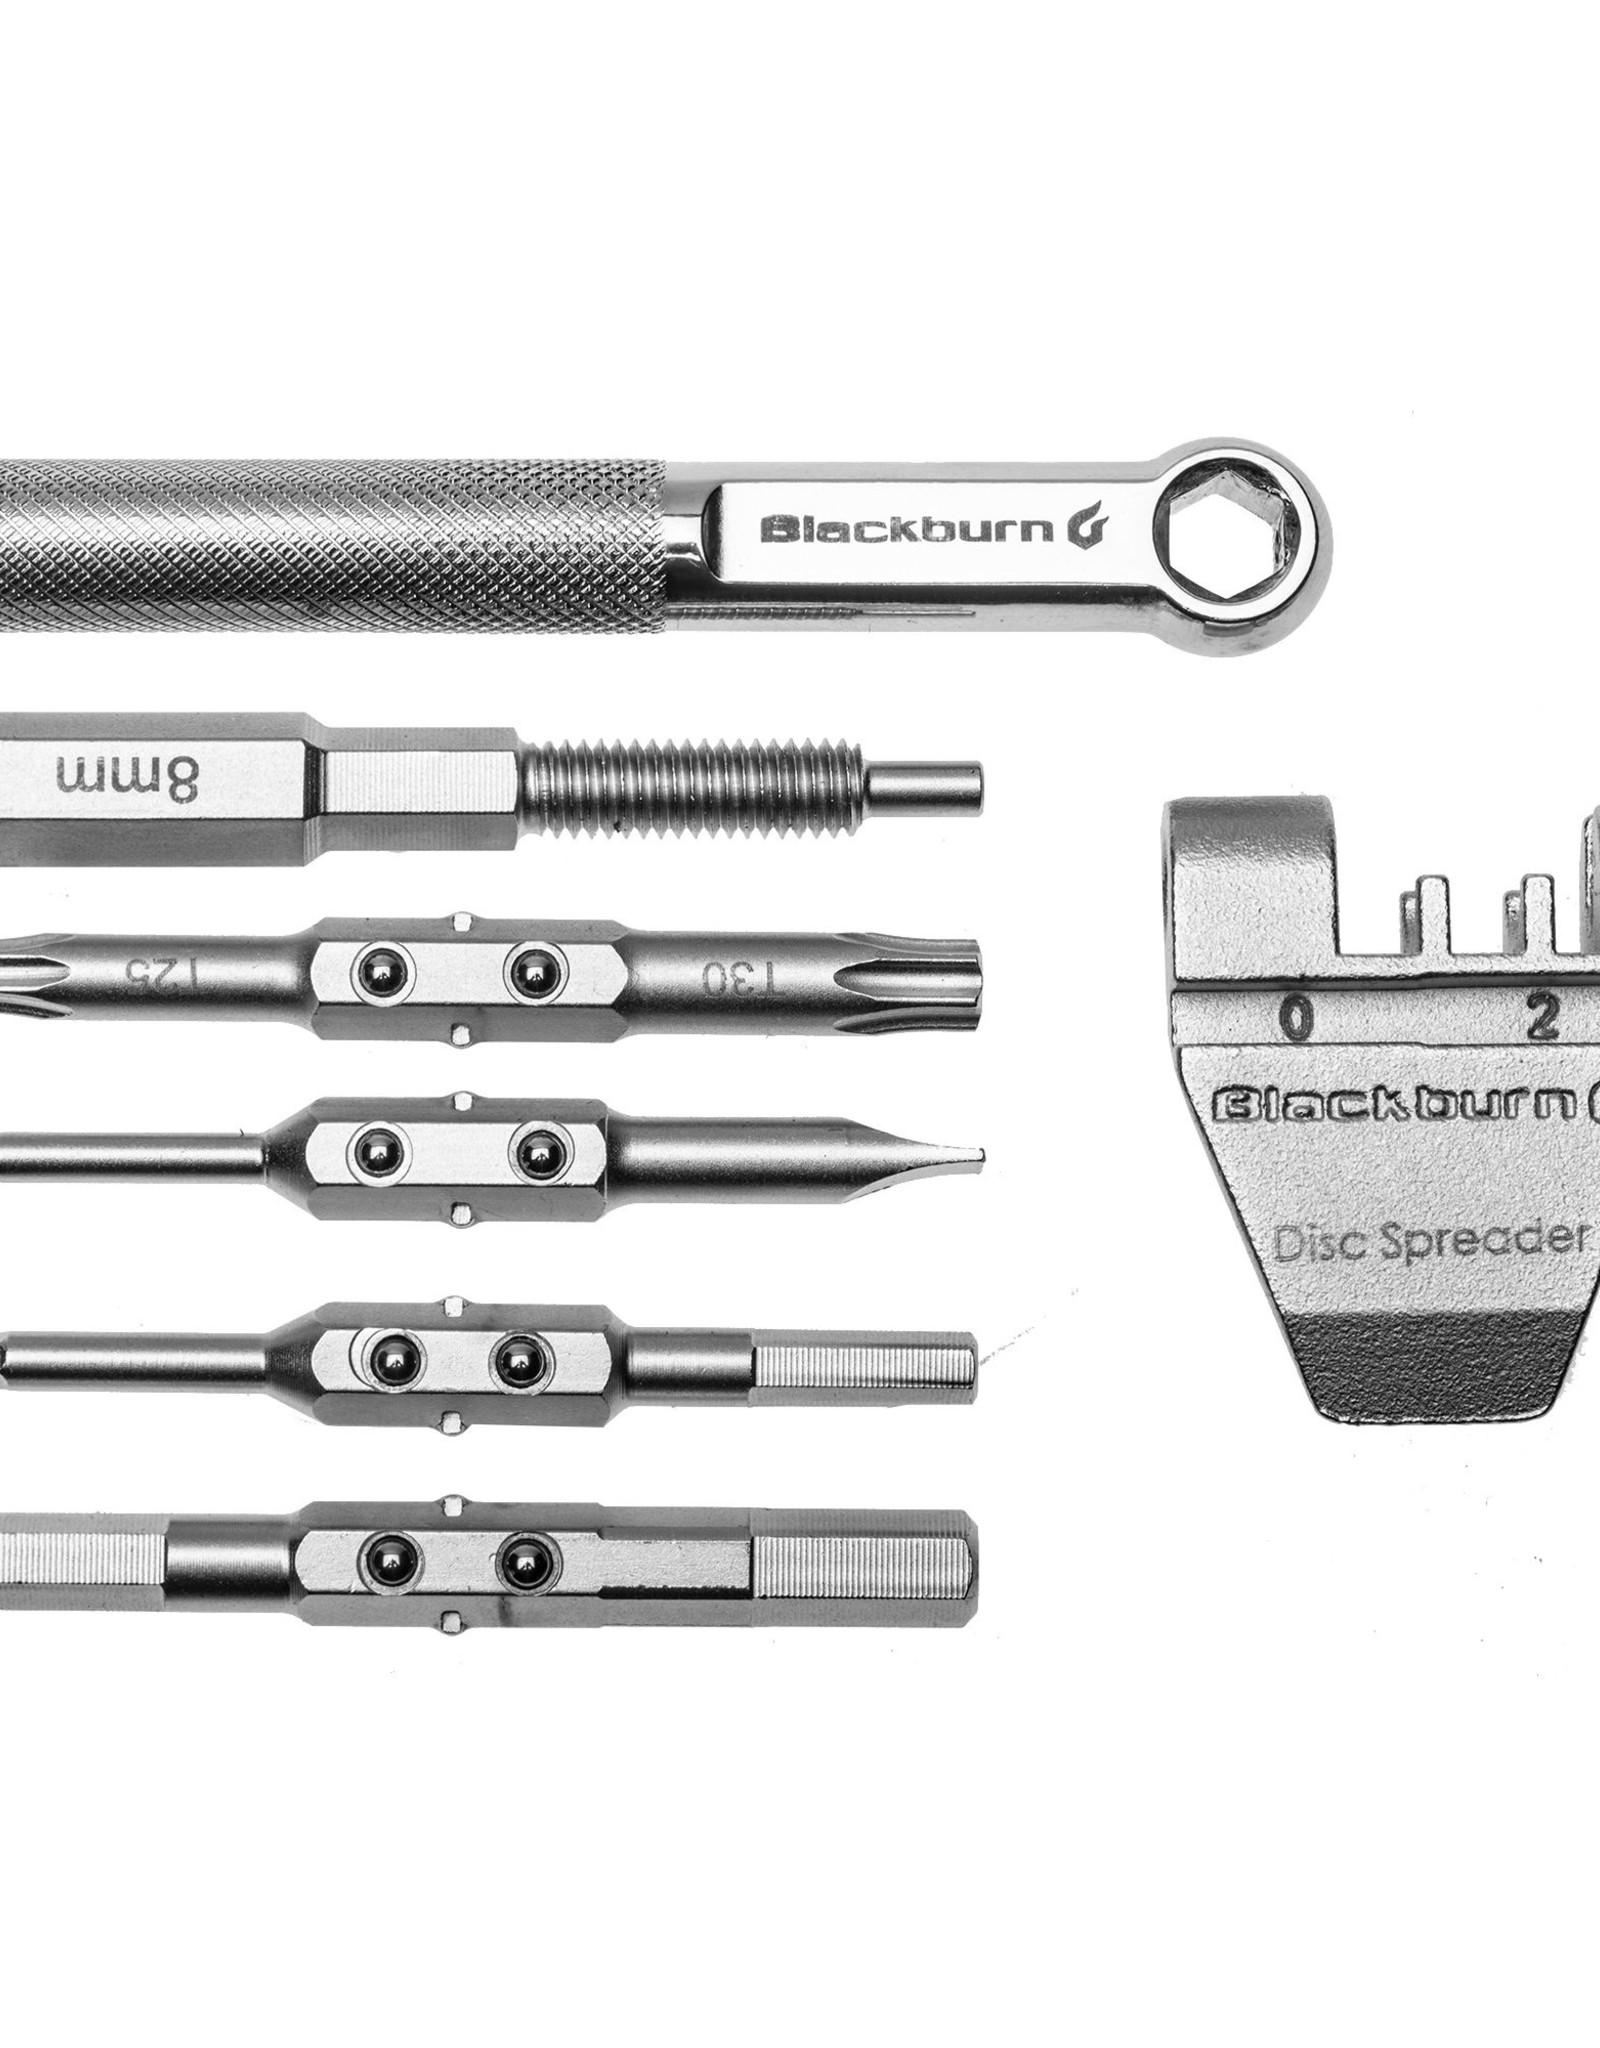 Blackburn Blackburn Big Switch Multi-Tool - Black